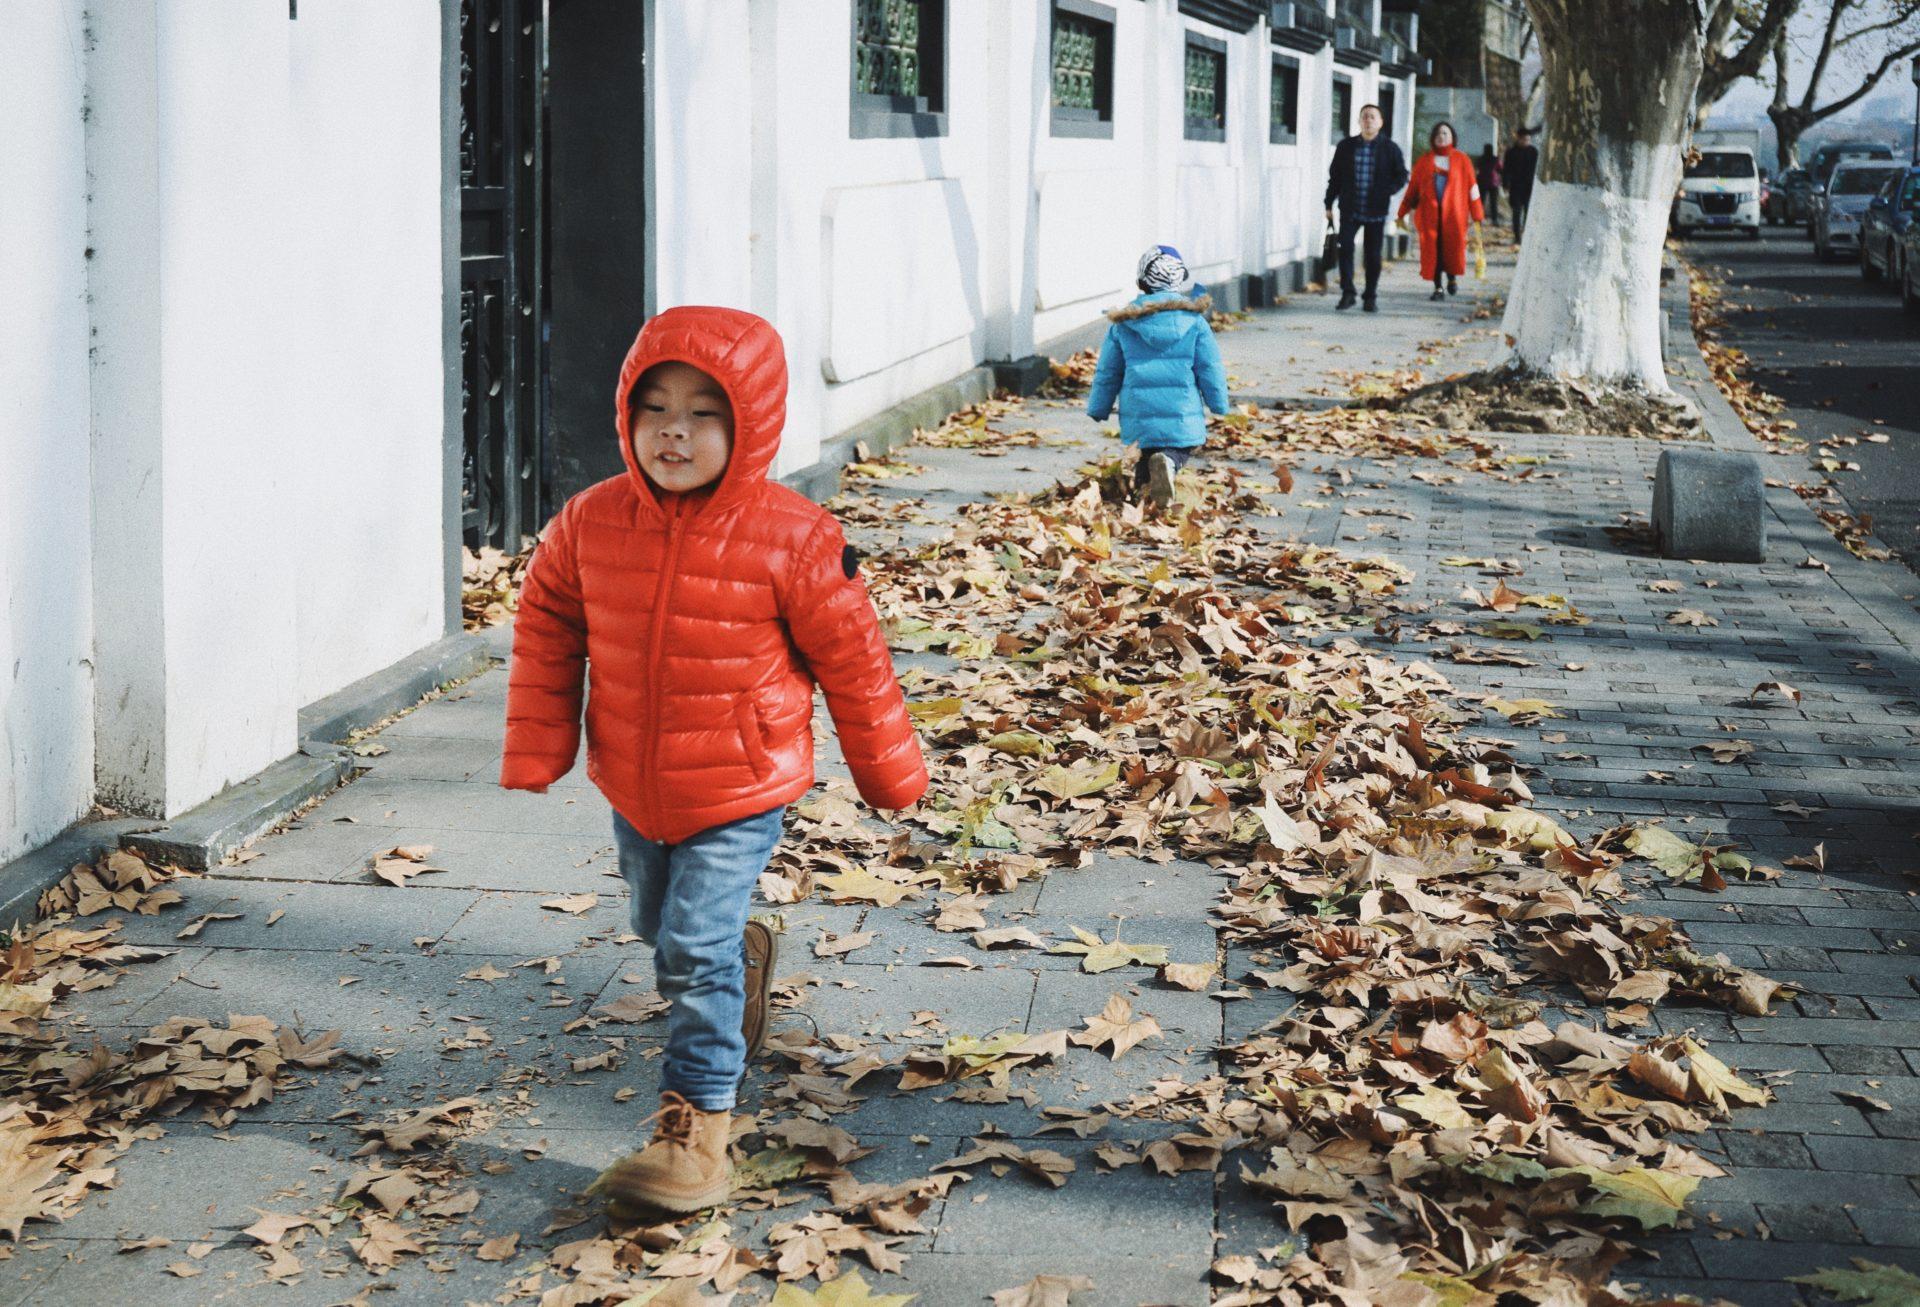 Kinder zu Fuß auf dem Bürgersteig